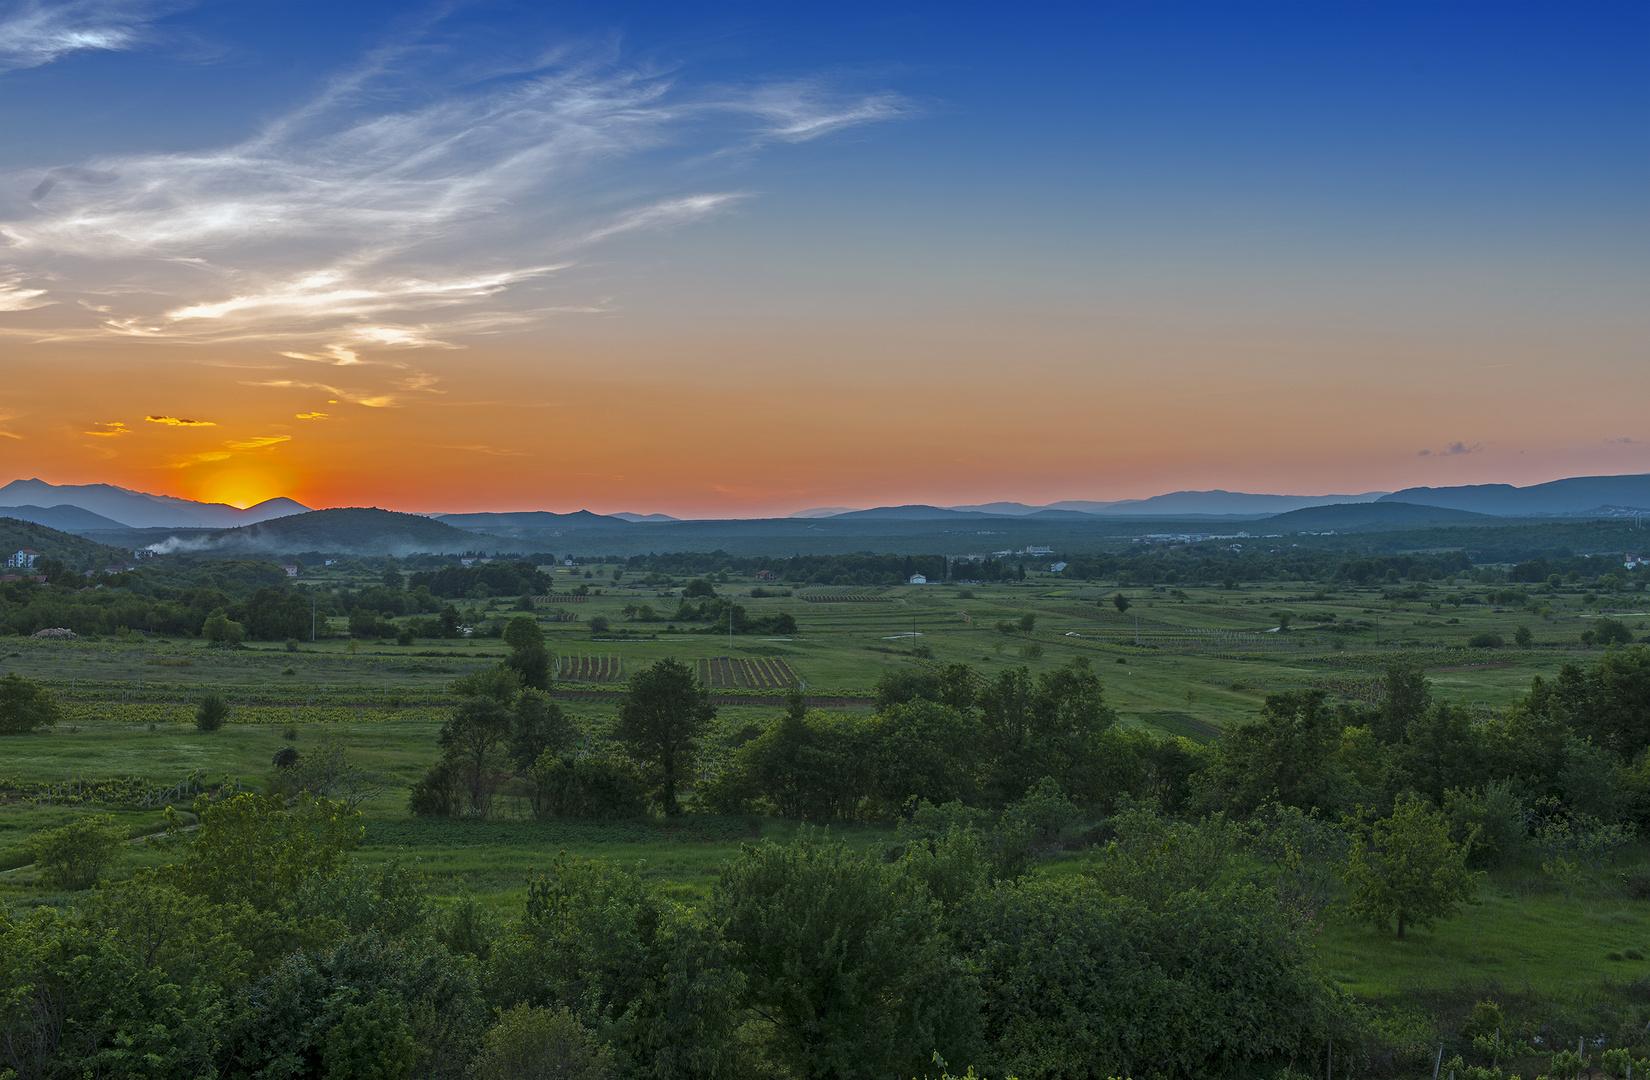 Sonnenuntergang in Medjugorje